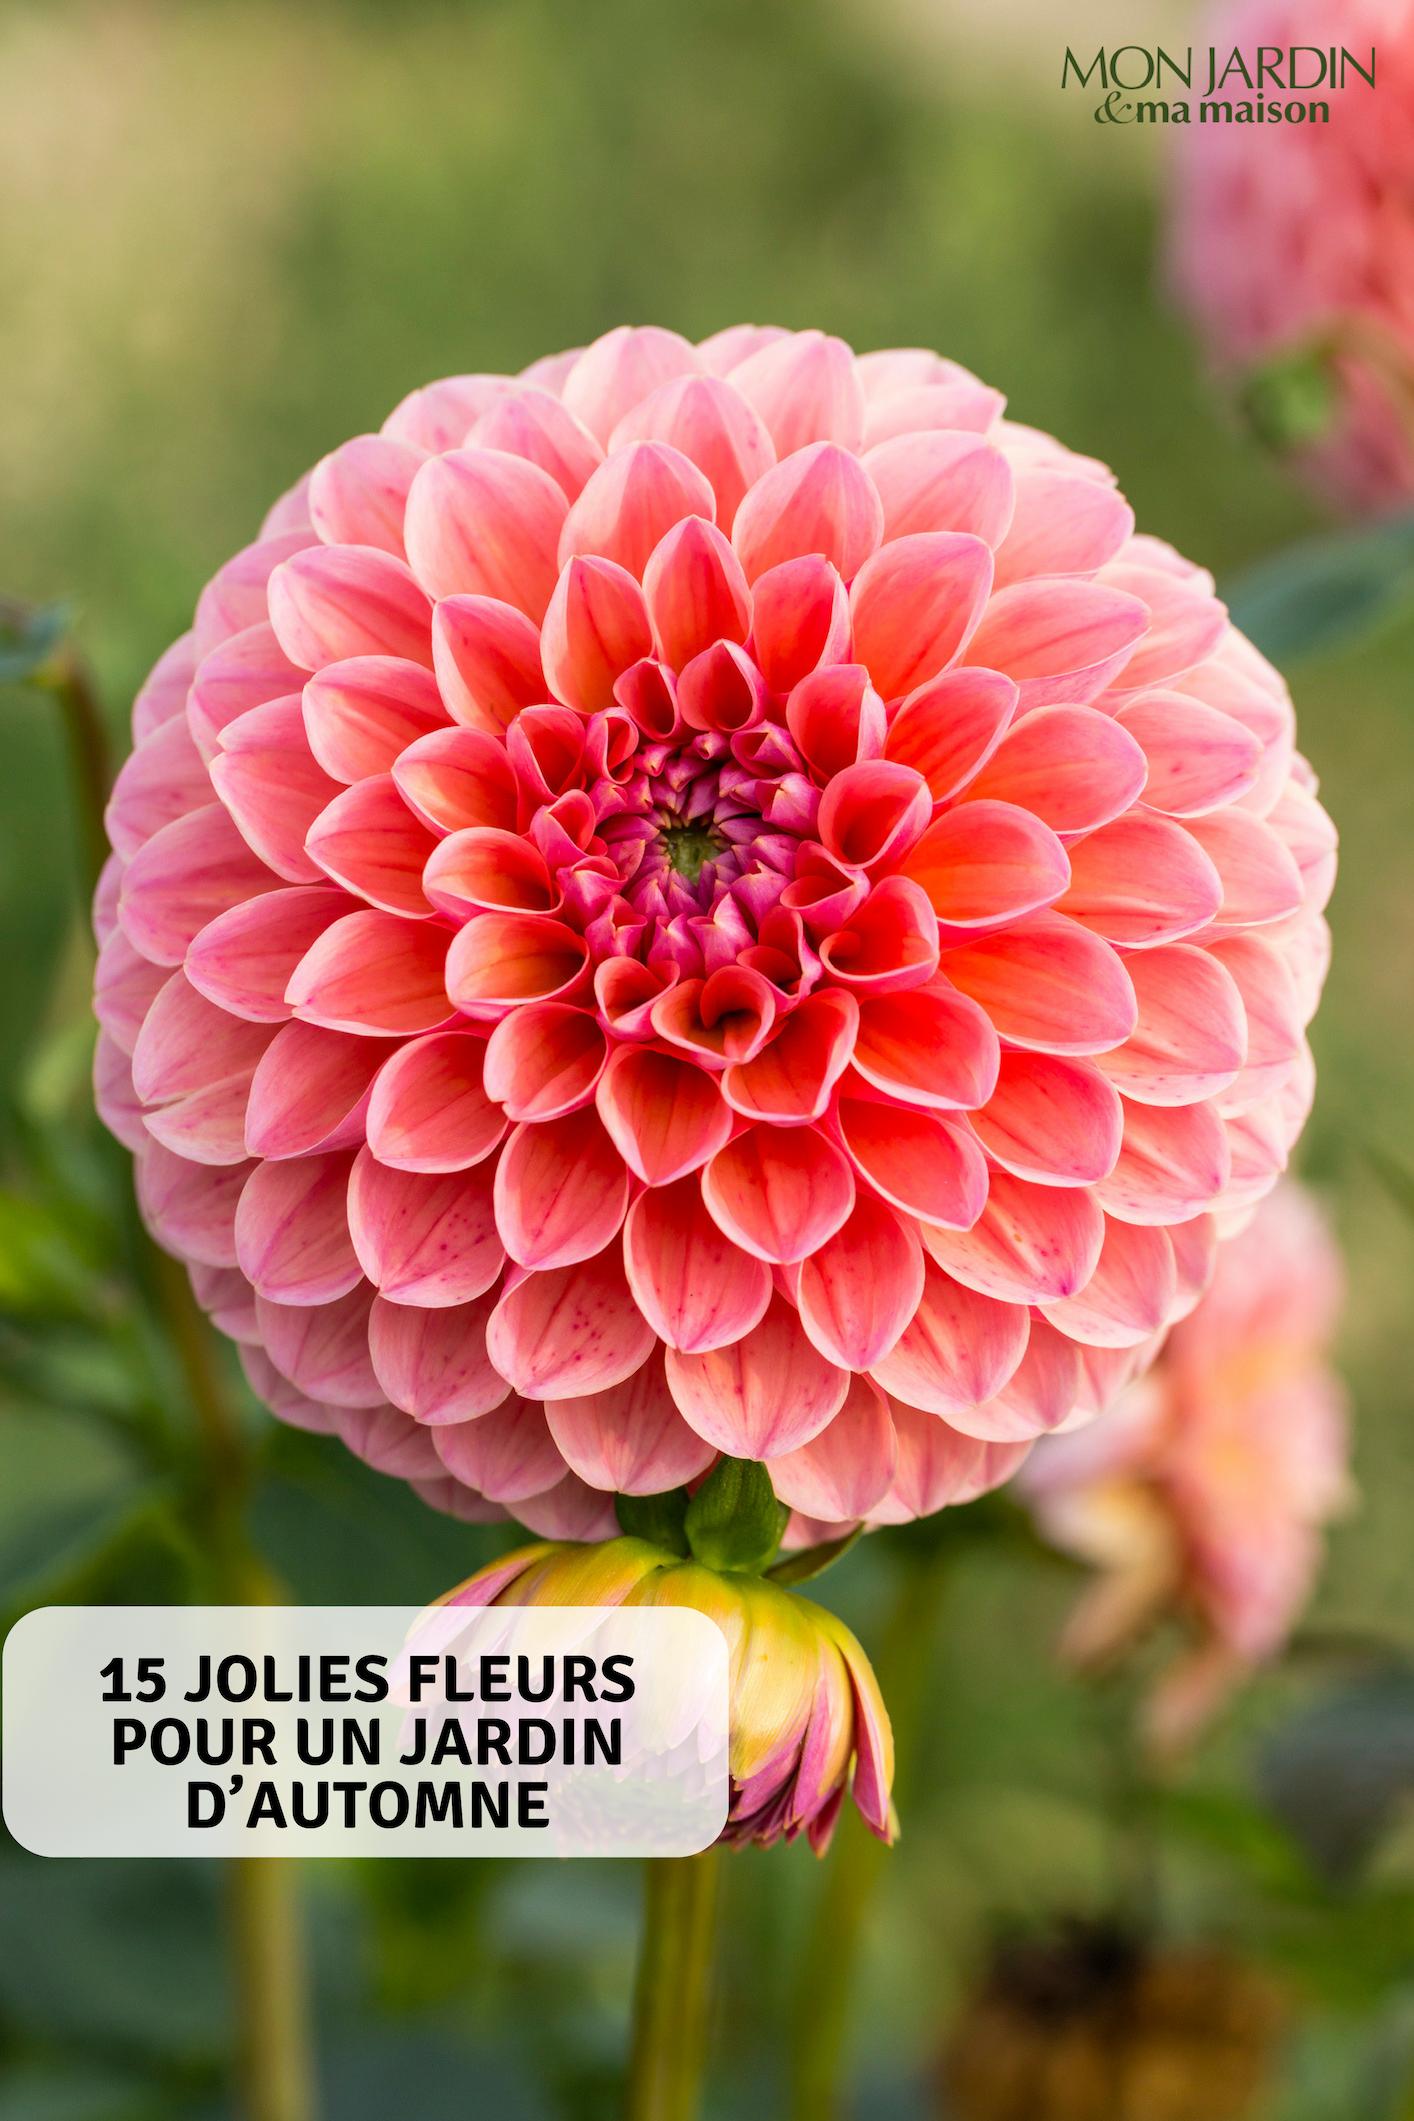 15 jolies fleurs pour un jardin d\'automne | Automne | Flowers ...